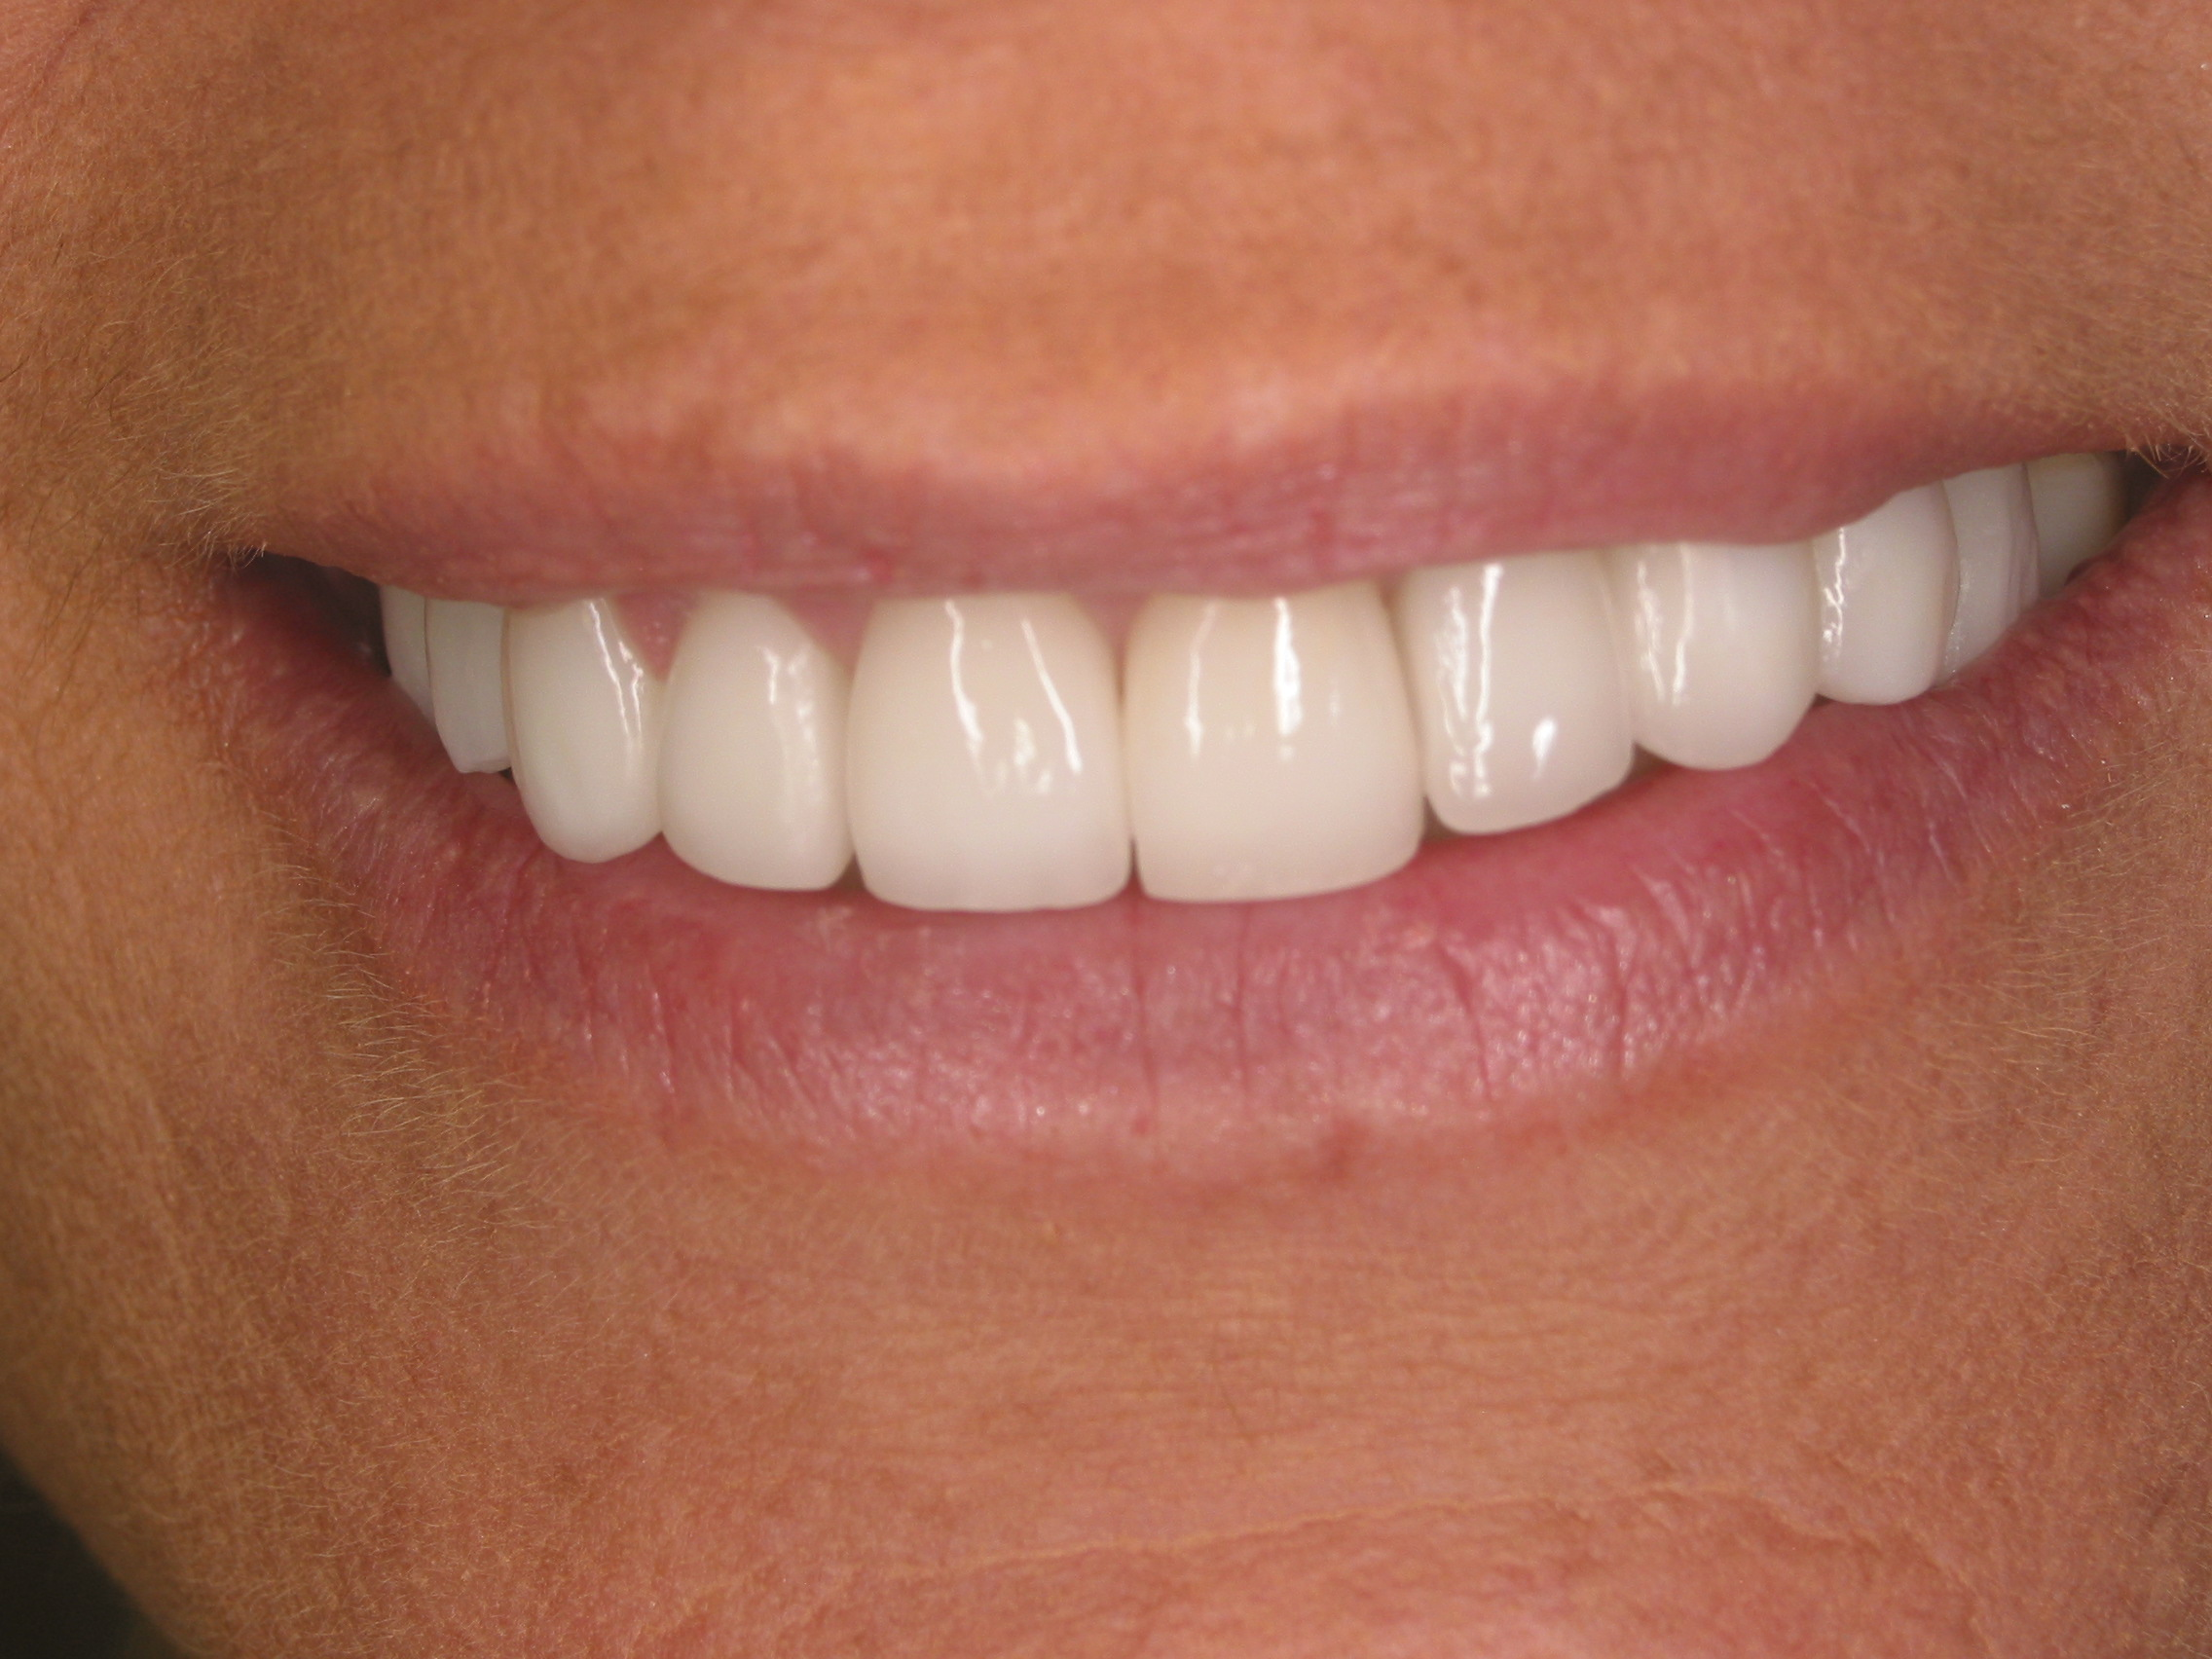 Smile Makeover - After - Forestream Dental, Dr. Larry Evola